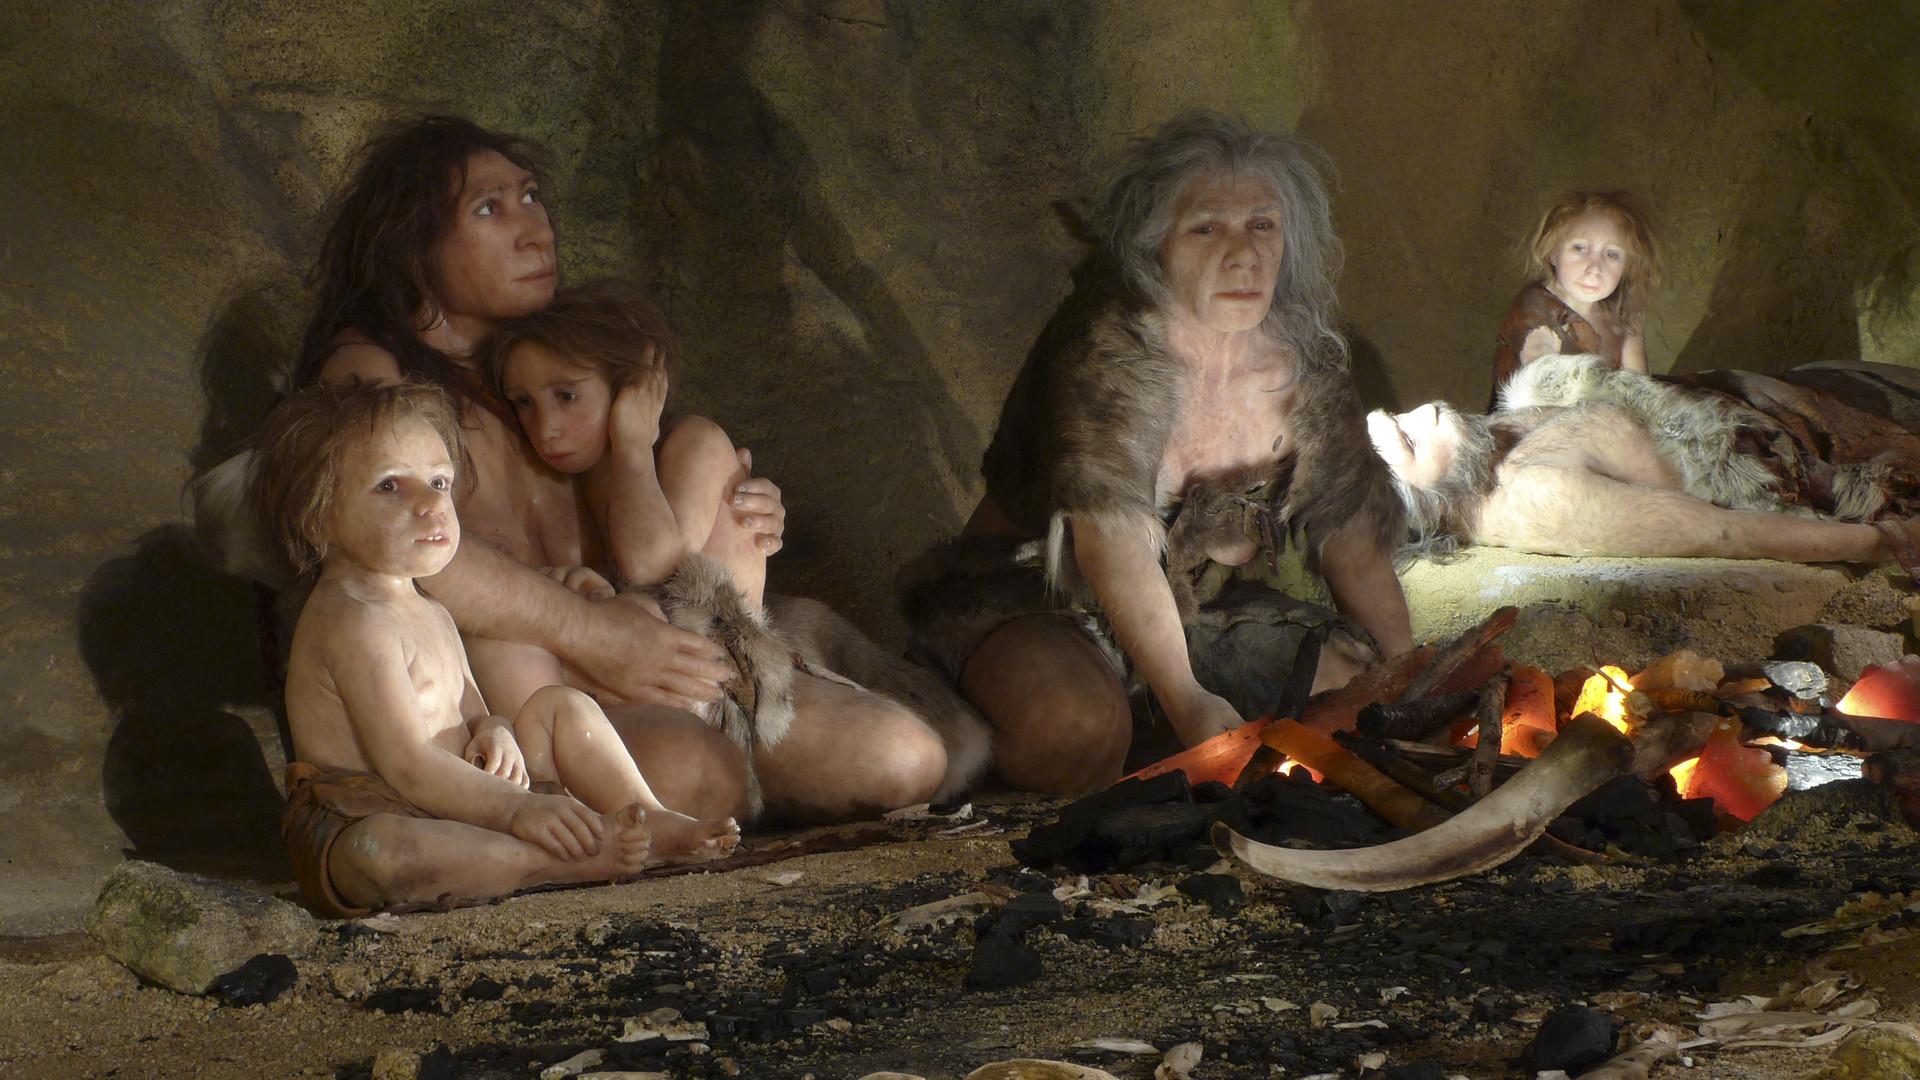 Recreación de la vida de una familia neandertal en un museo de Krapina, Croacia, 25 de febrero de 2010.